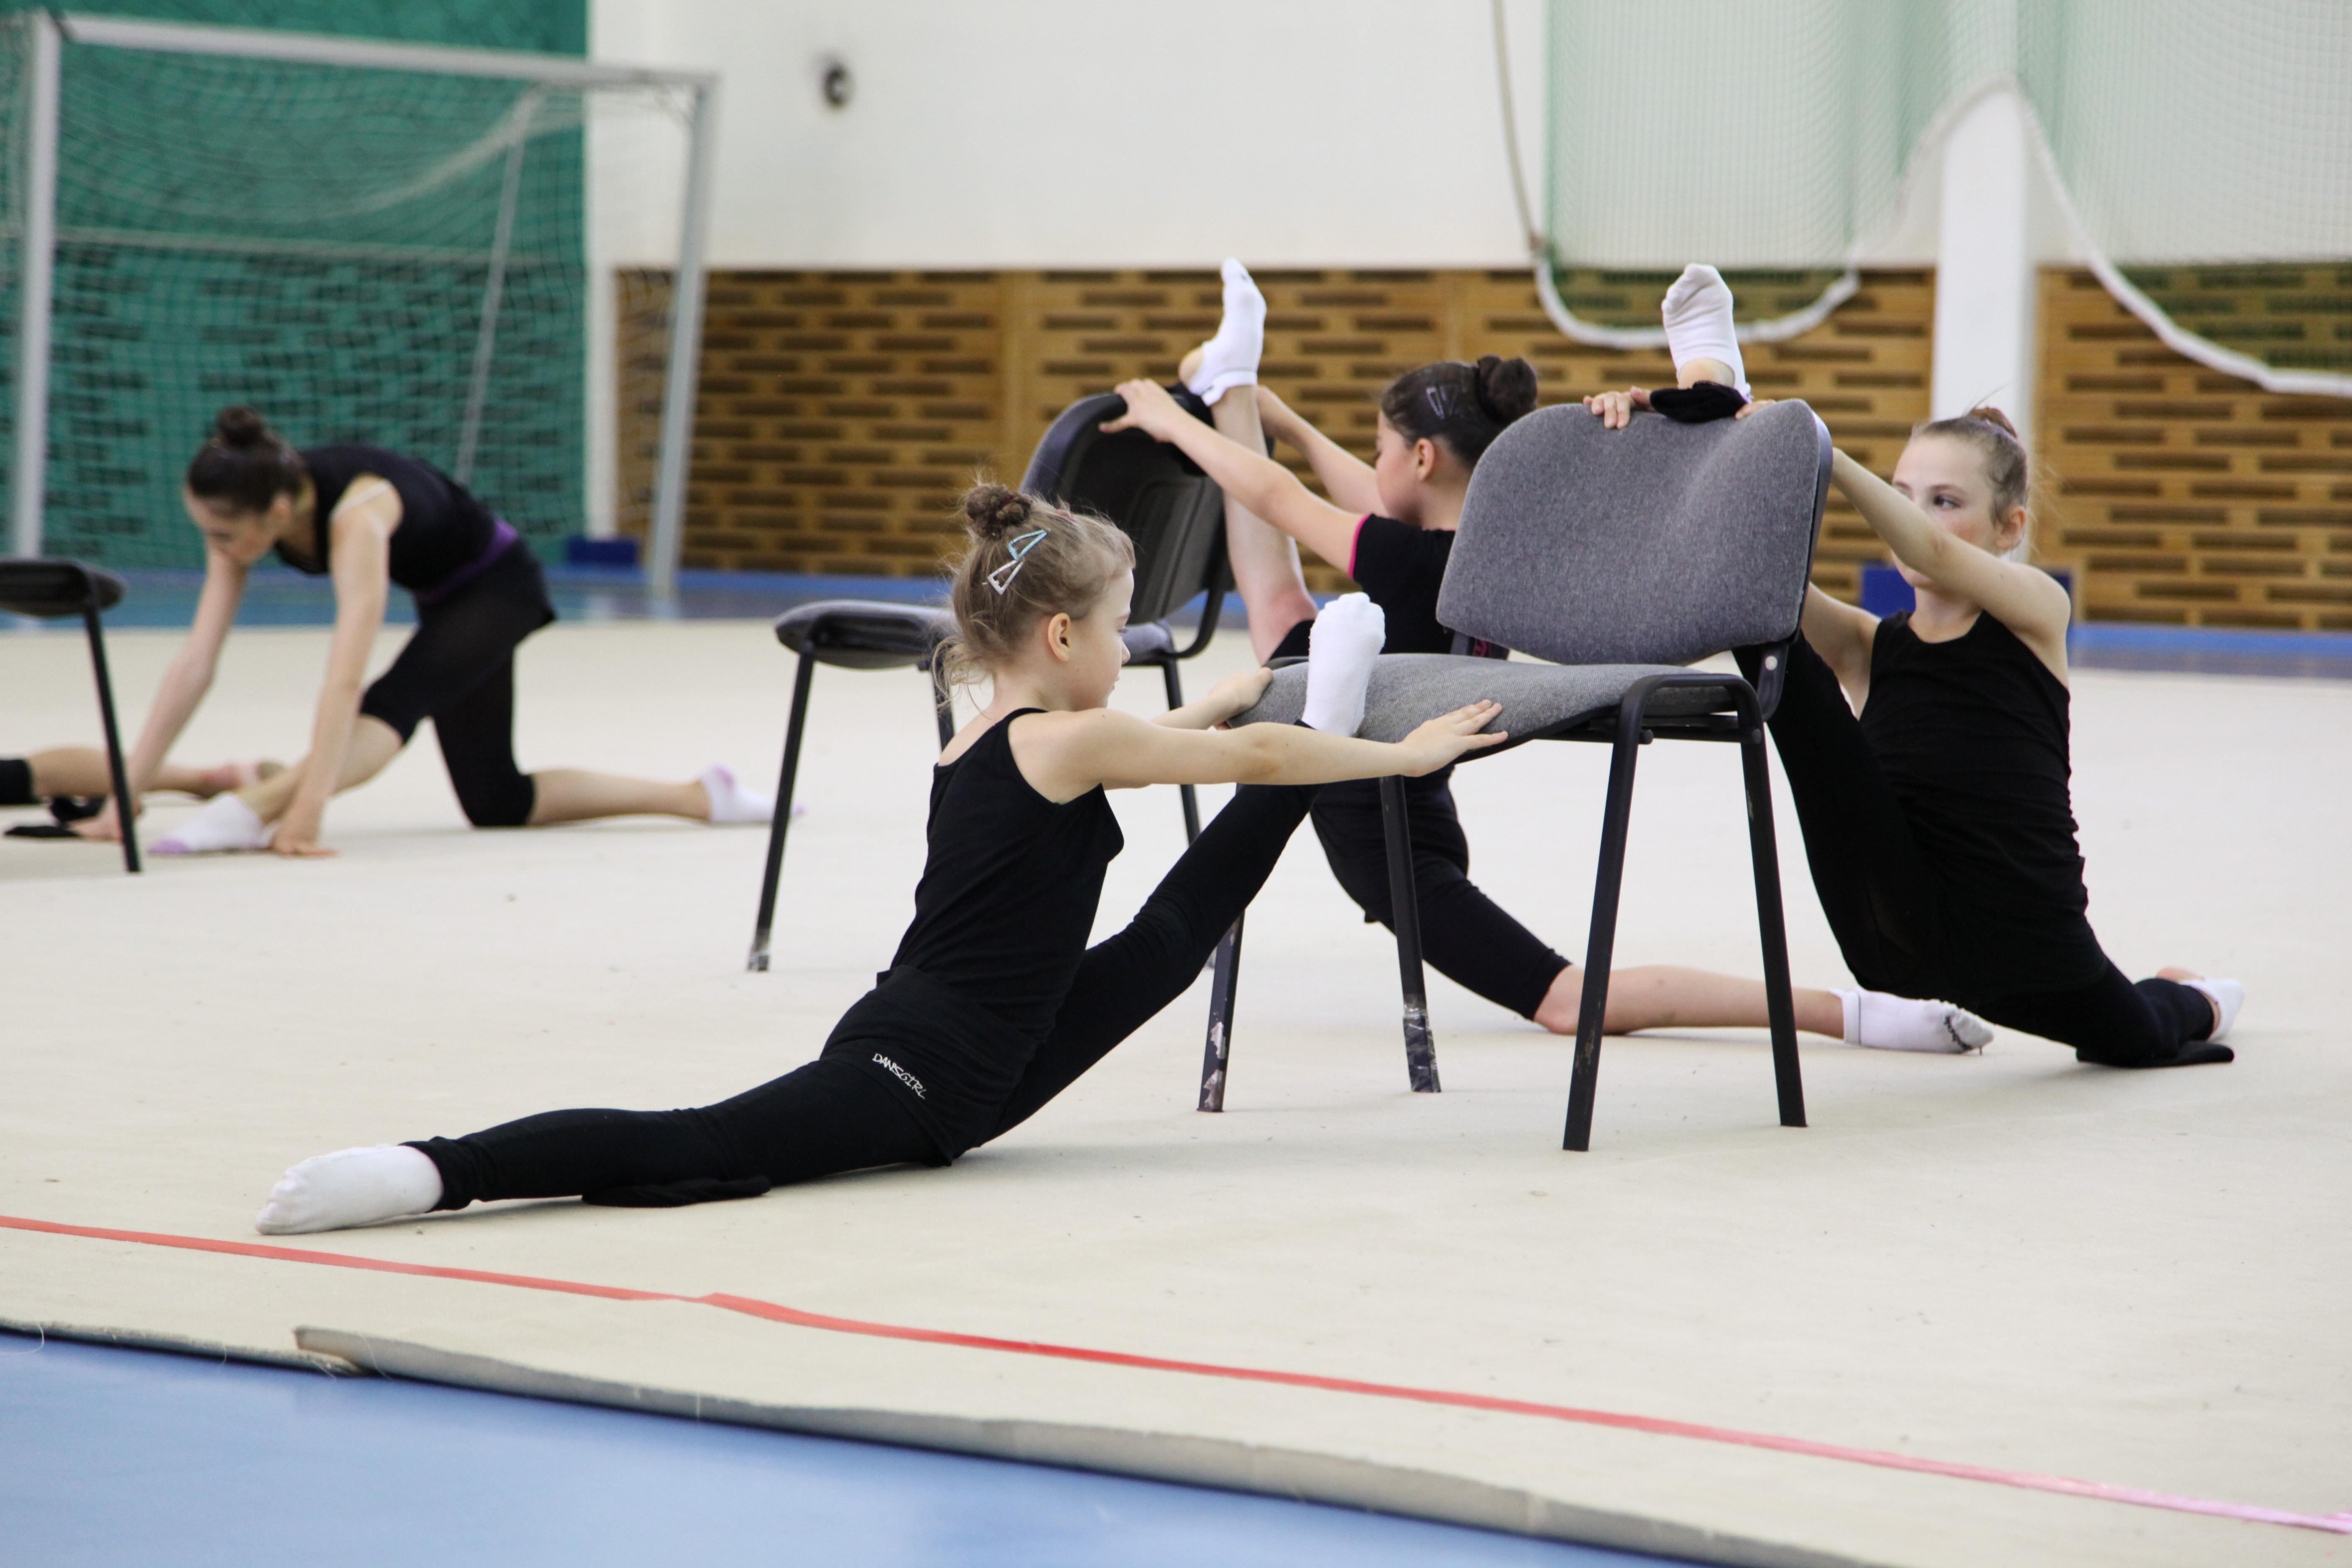 художественная гимнастика фото с тренировок злые